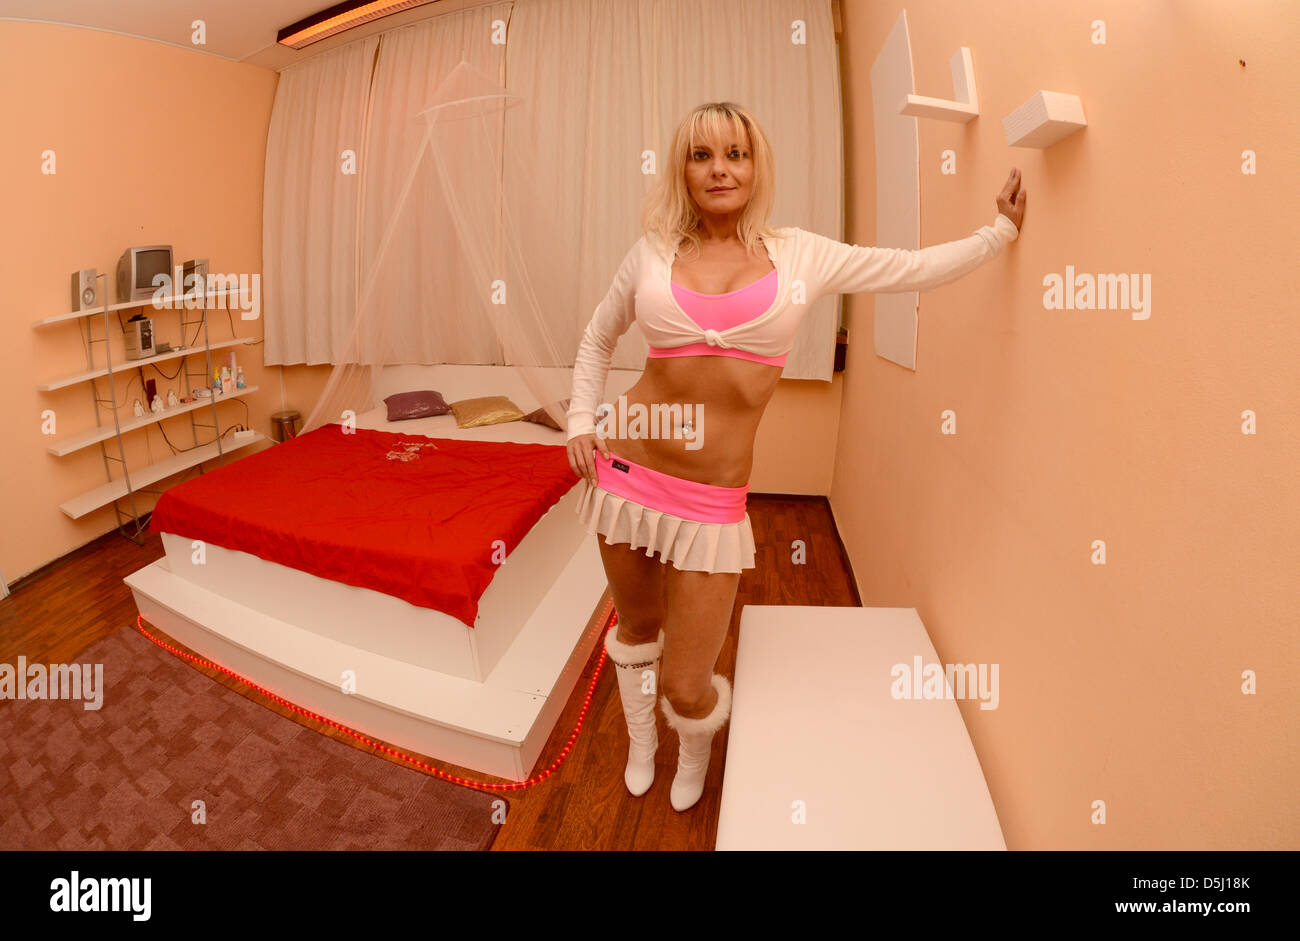 Ts eskort stockholm nakenmassage stockholm